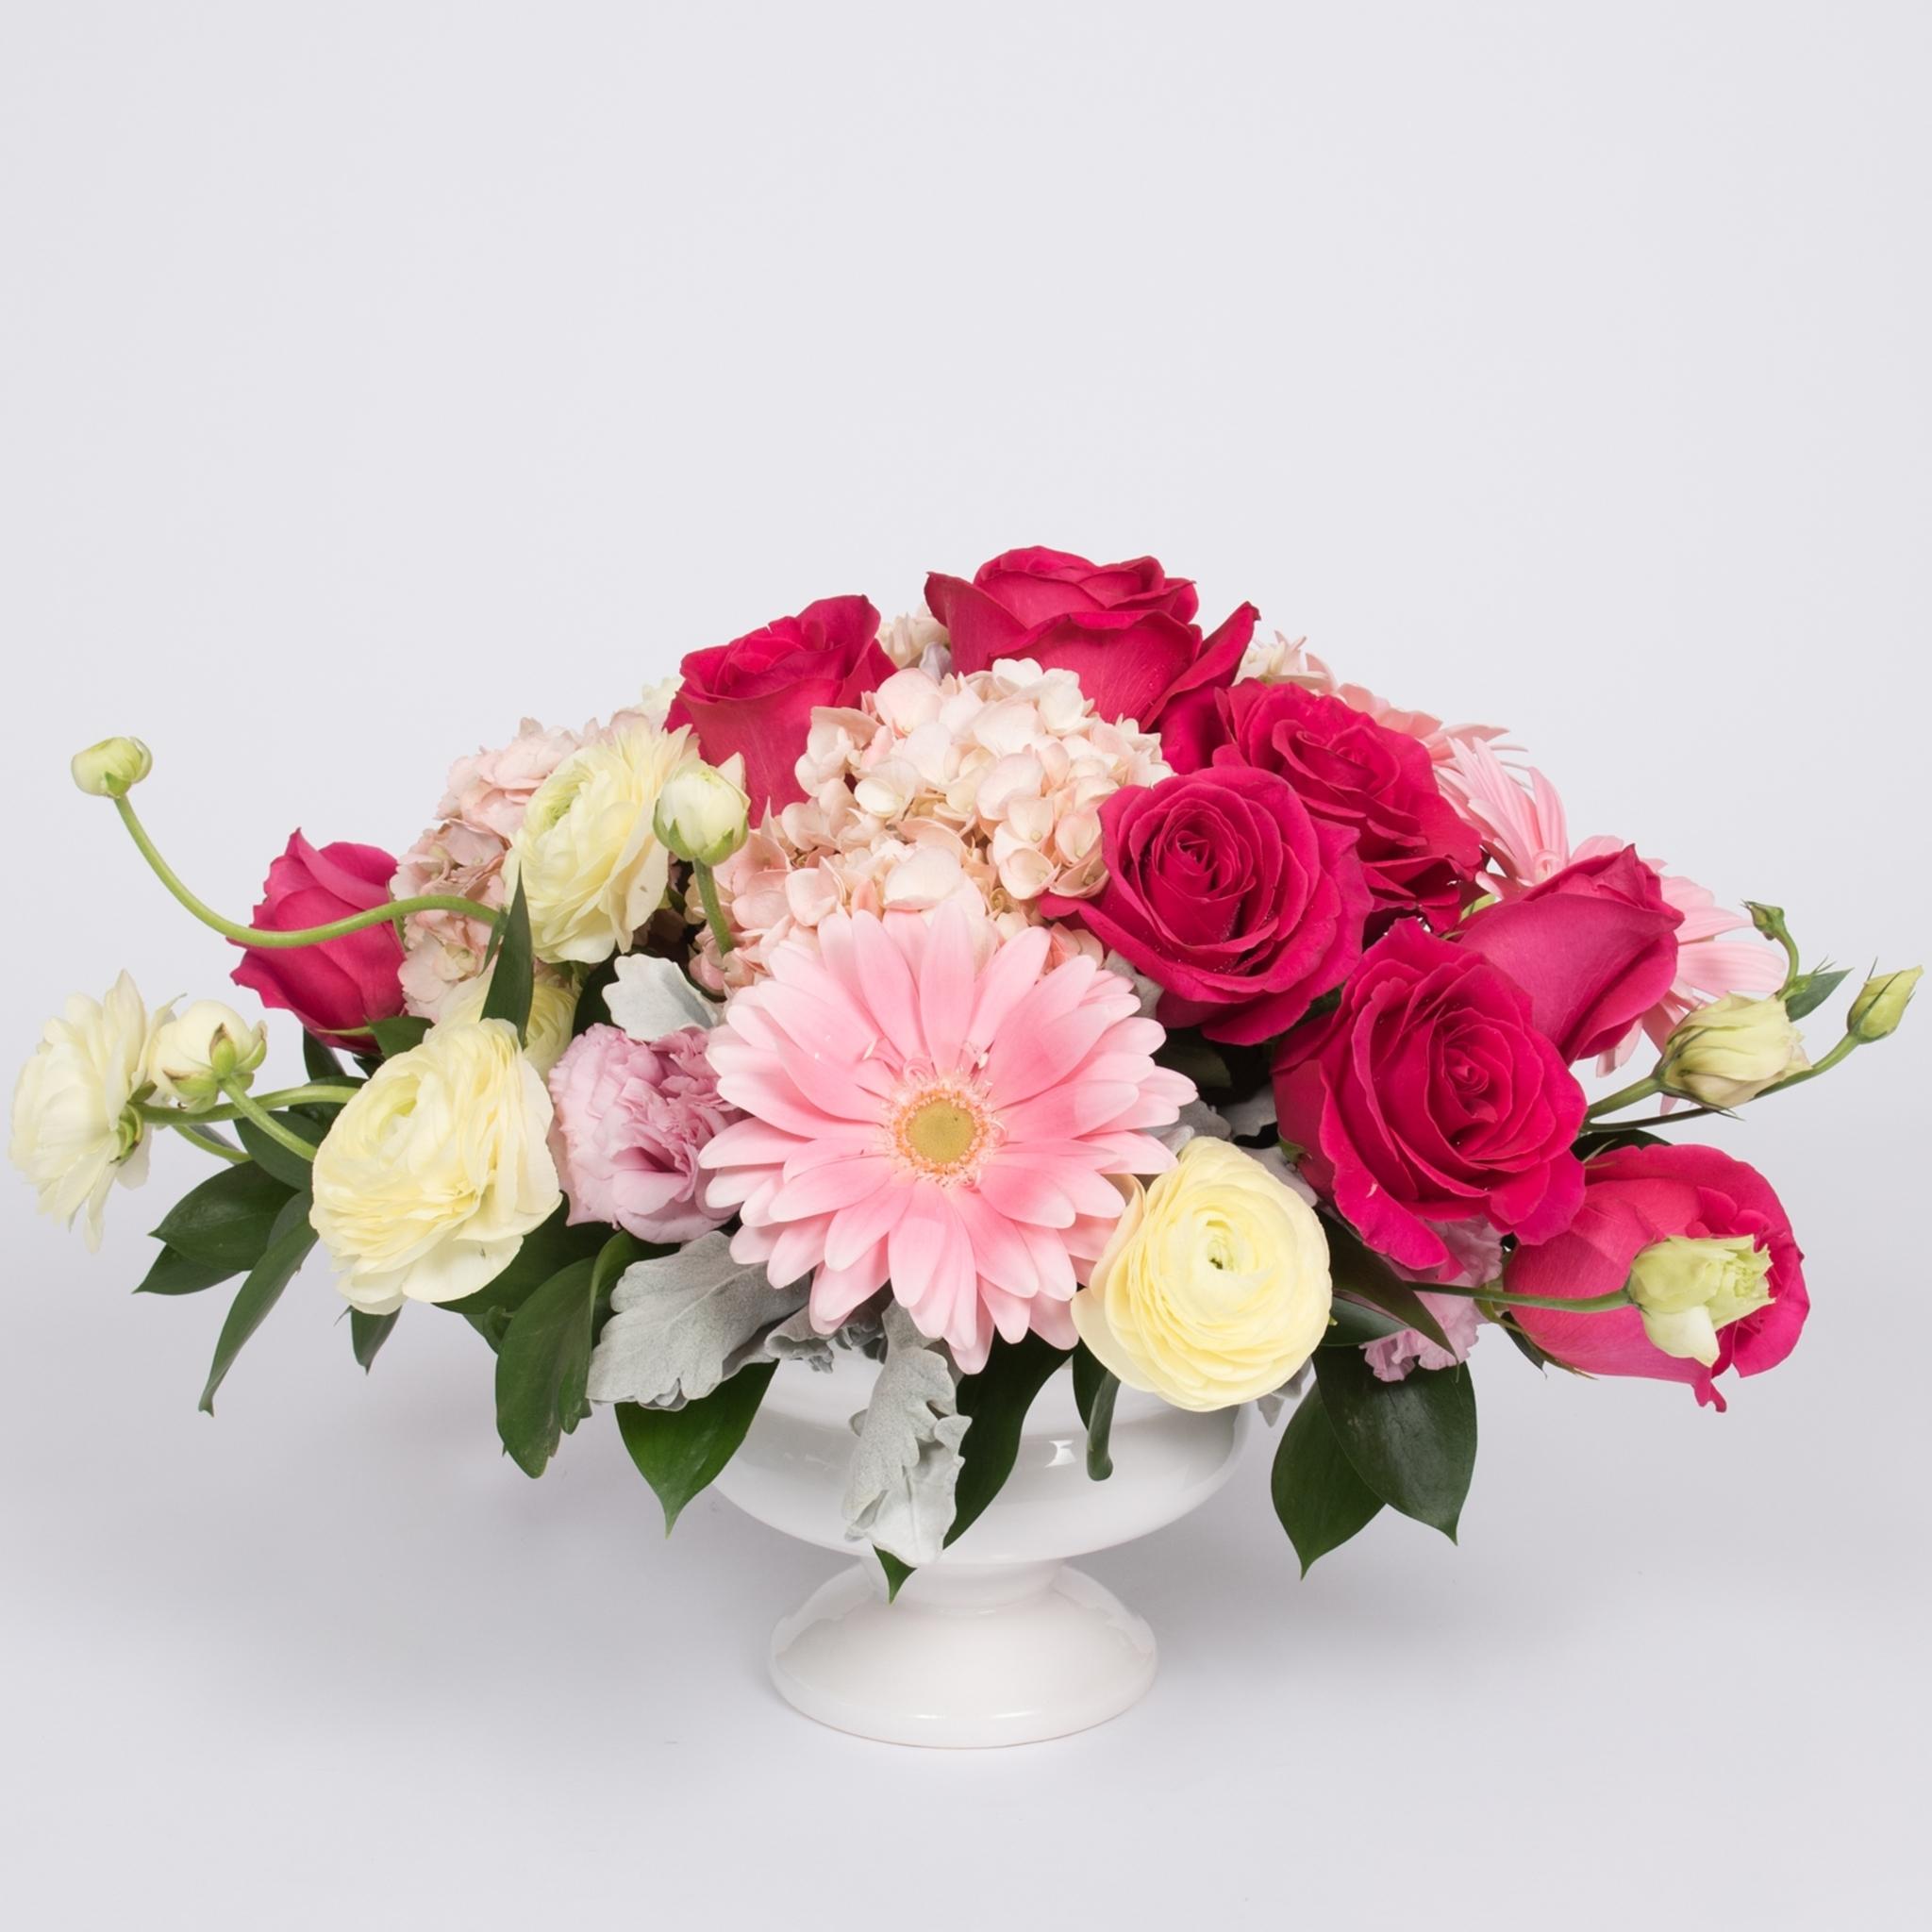 Ital Florist Limited